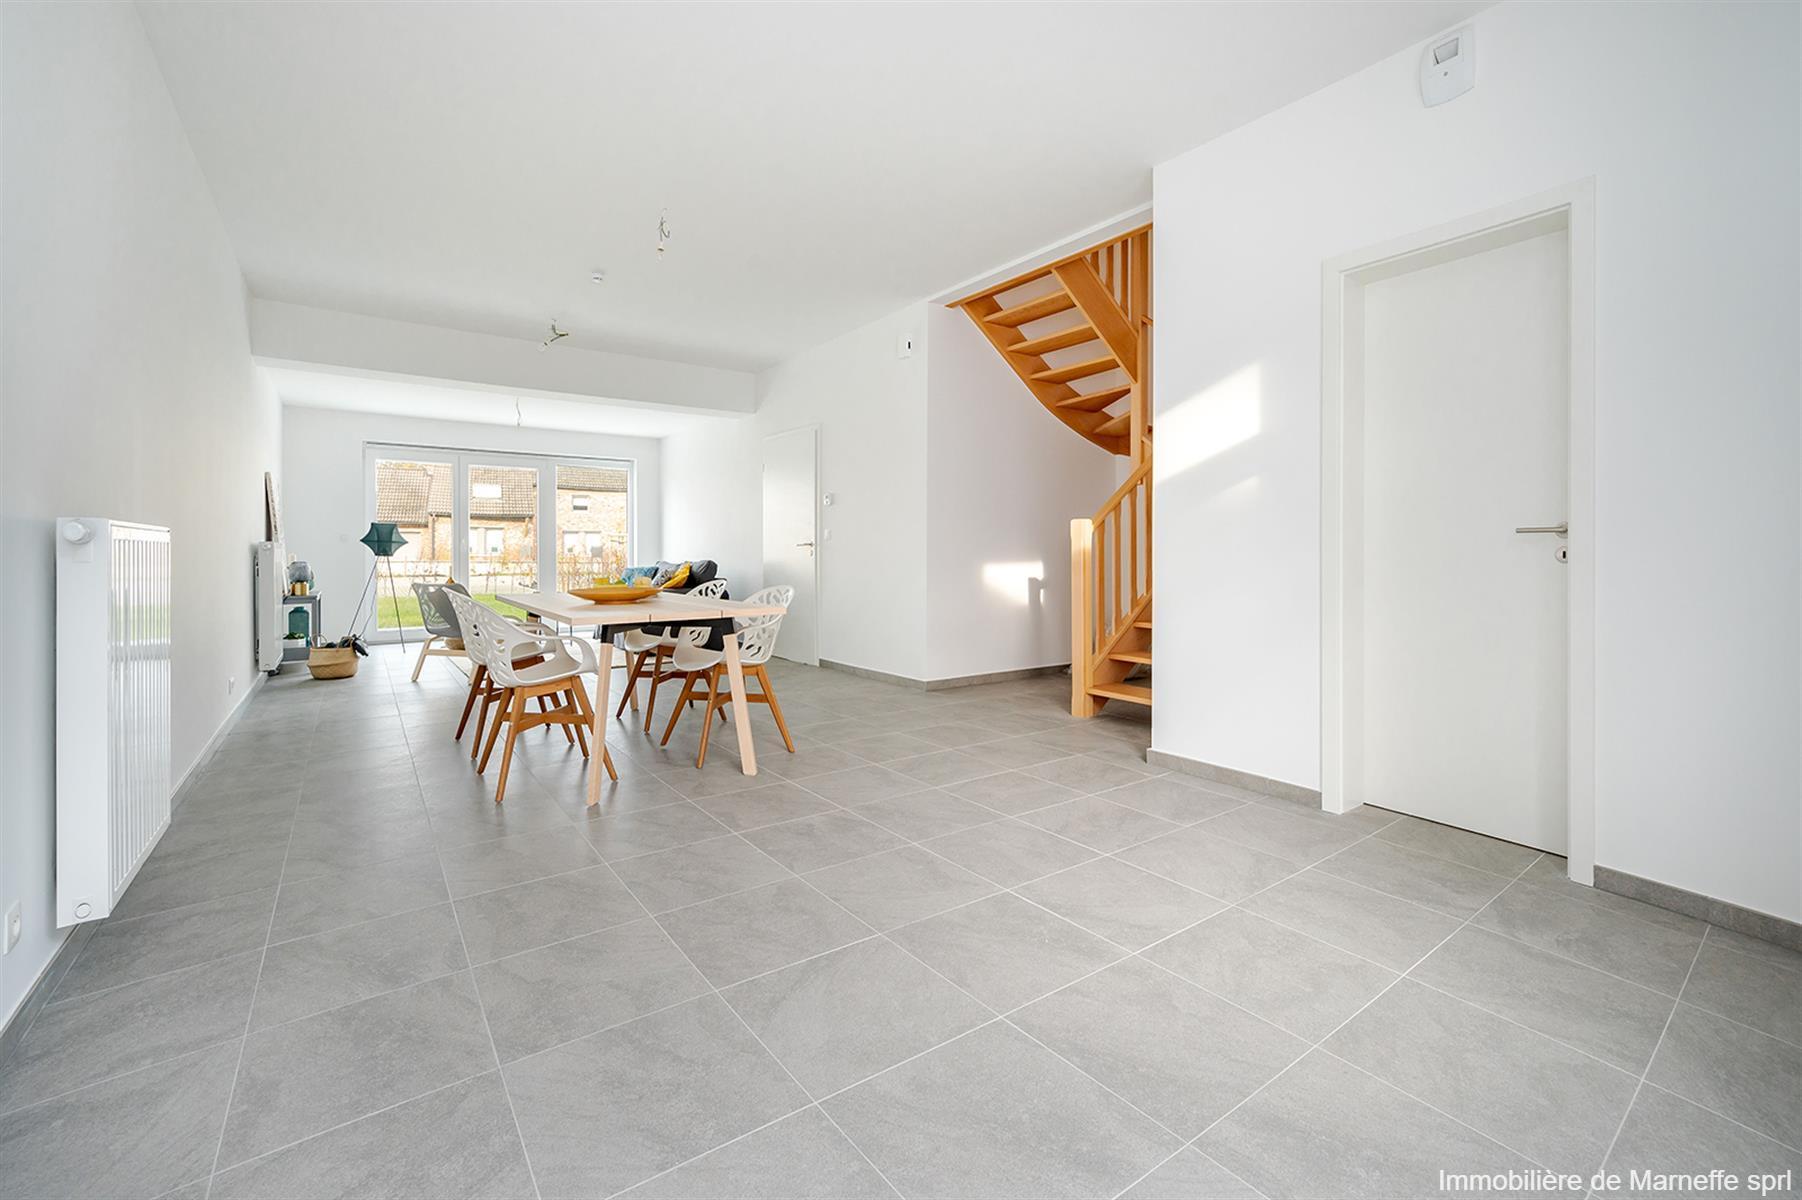 Maison - Grâce-Hollogne Velroux - #4214269-4